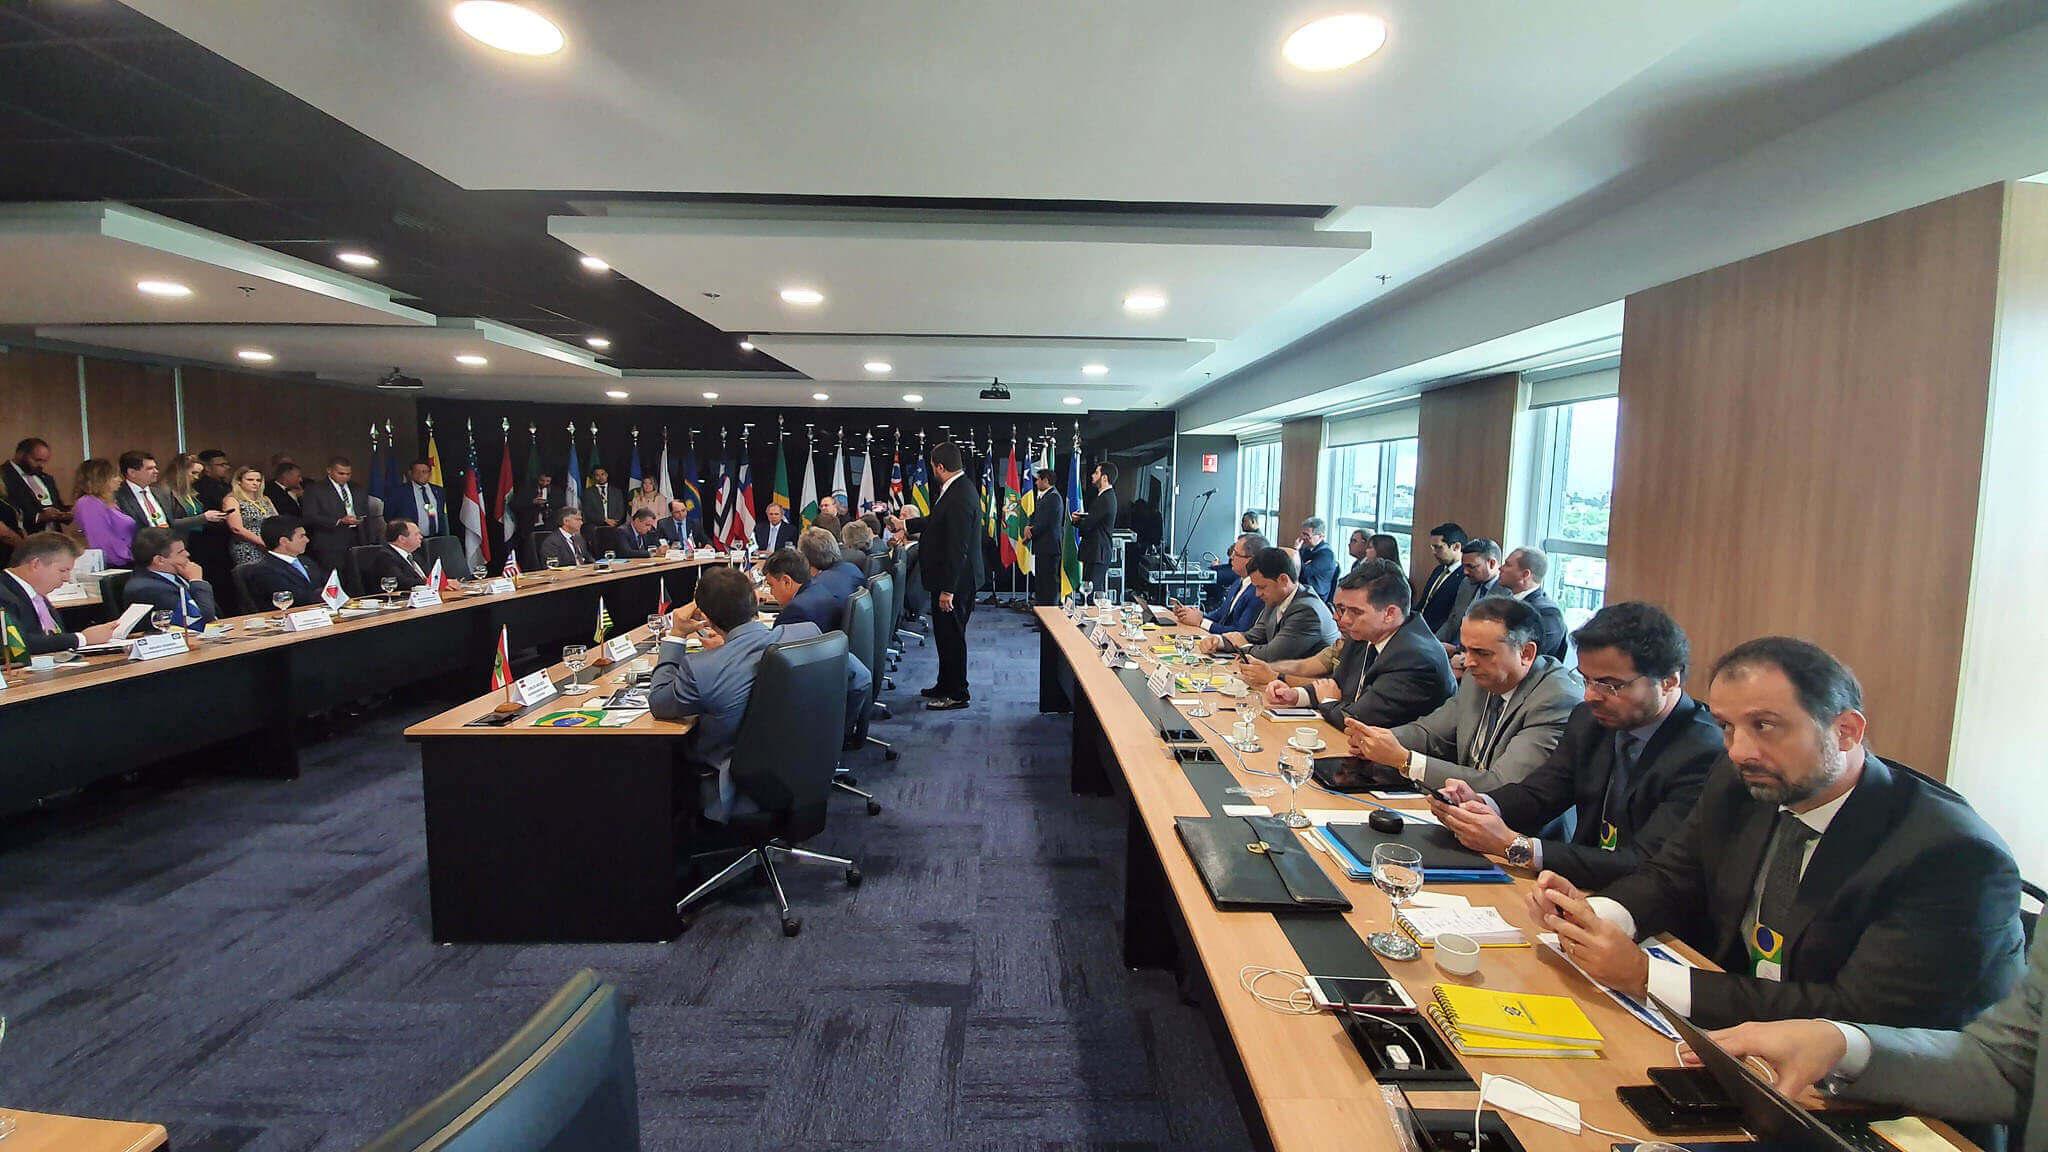 Gouverneurs assis dans une salle de réunion. Contenu sur la destitution du gouverneur.